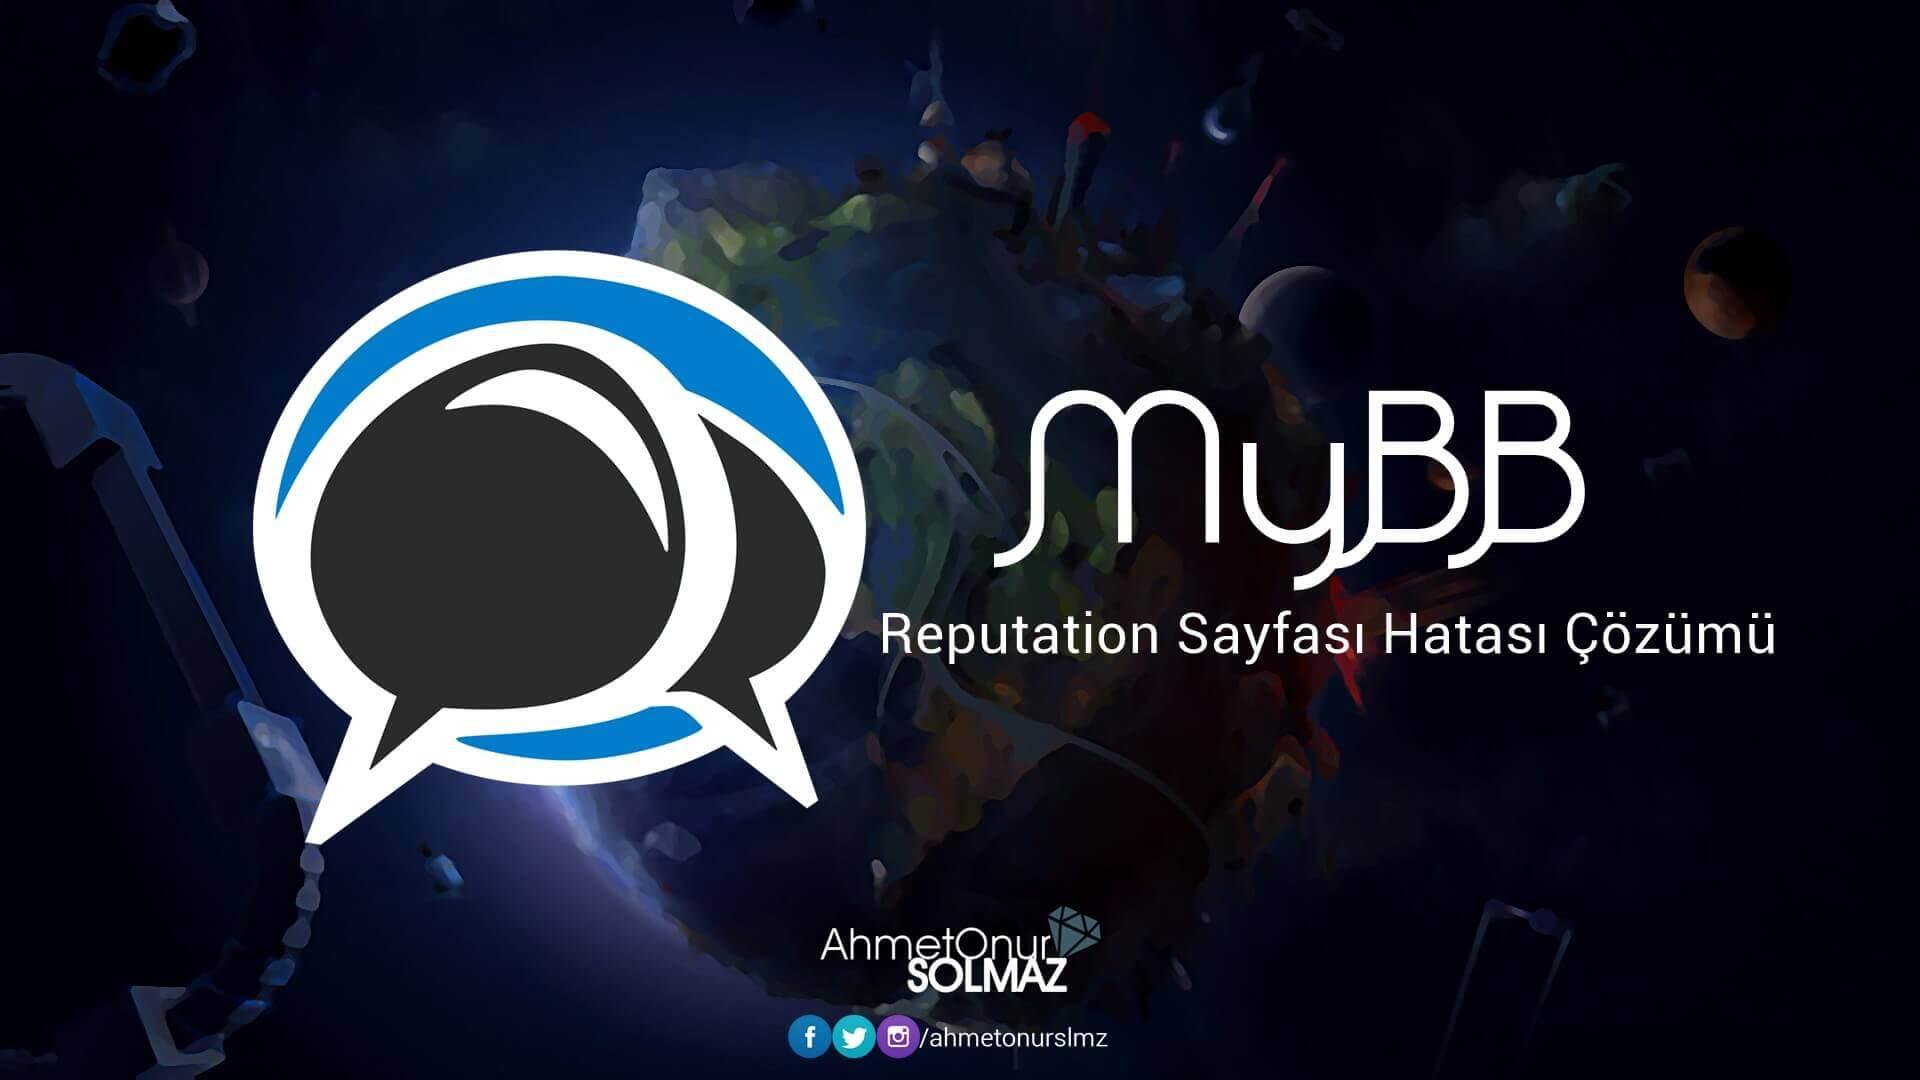 mybb-reputation-sayfasi-hata-cozumu